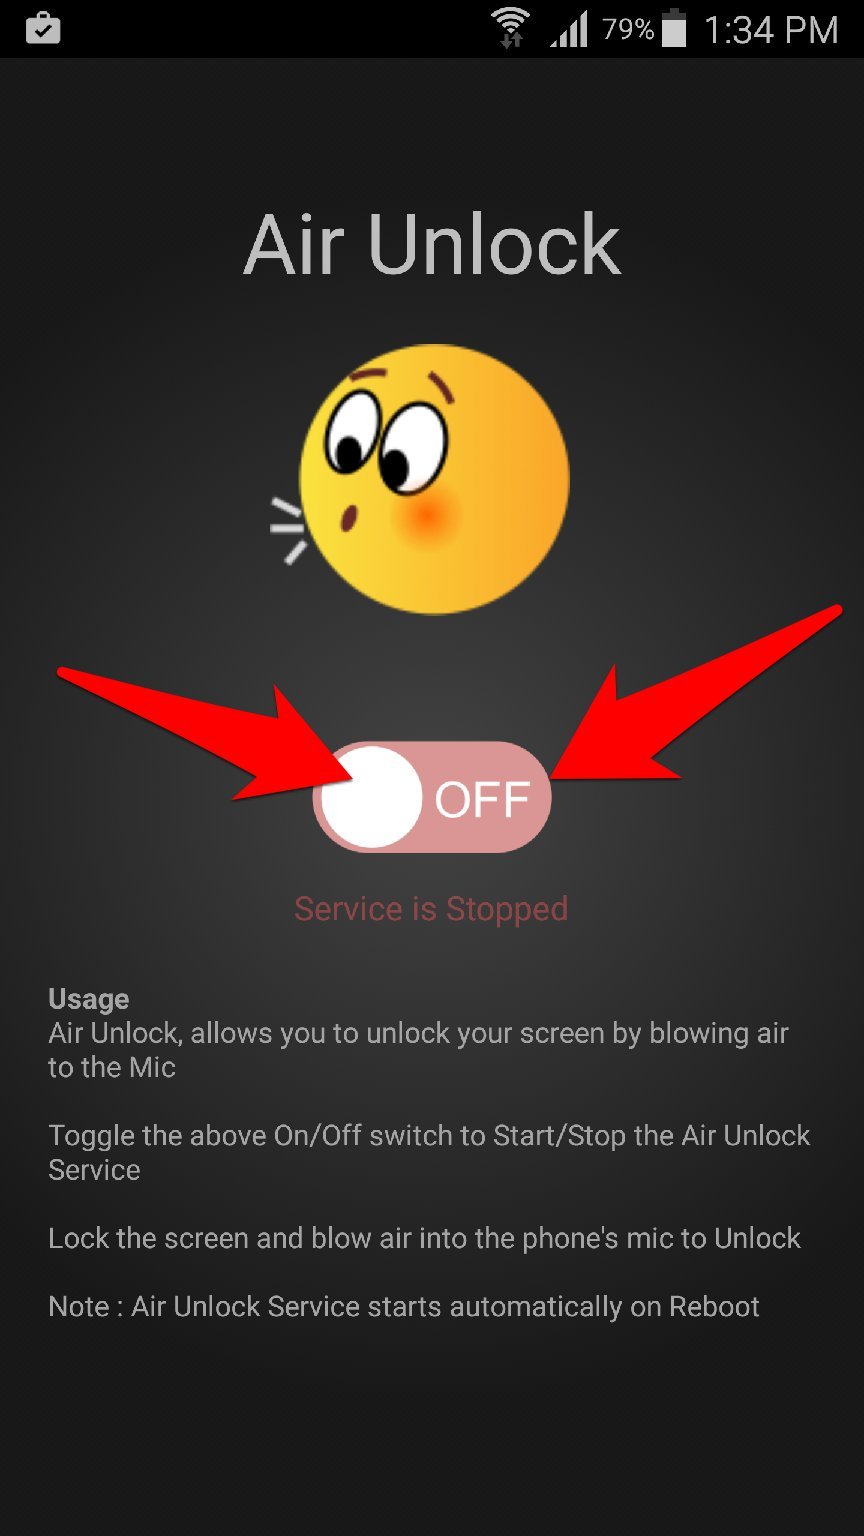 تطبيق Air Unlock لتشغيل شاشة جوالك بمجرد النفخ عليه | بحرية درويد